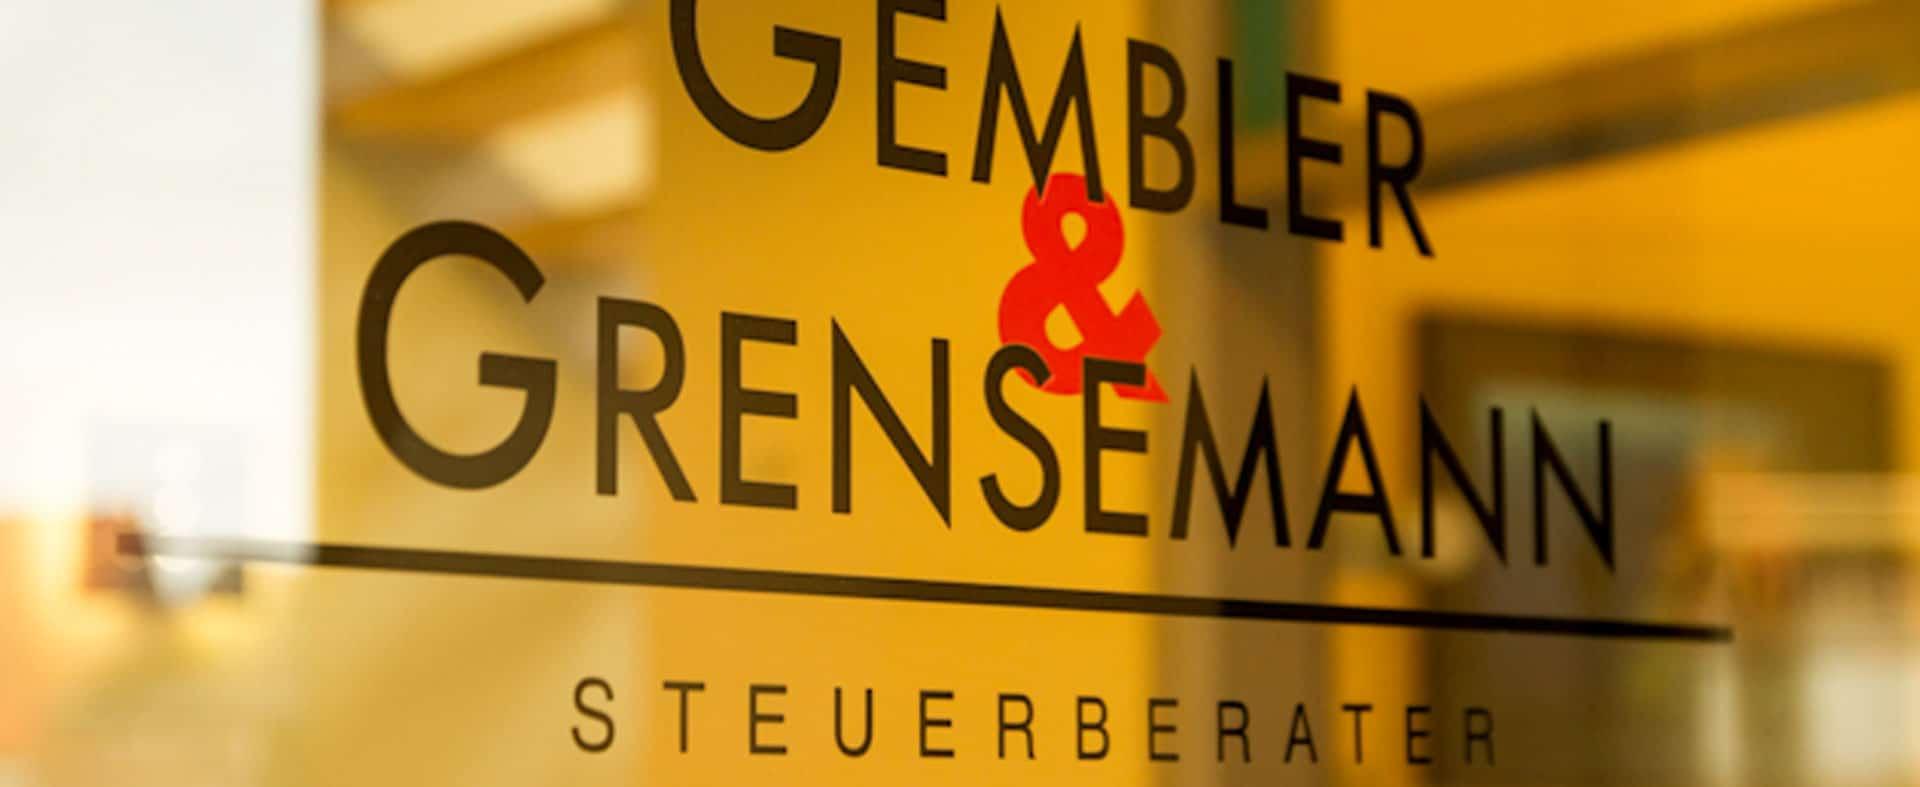 Steuerberater Gembler und Grensemann - Eingang